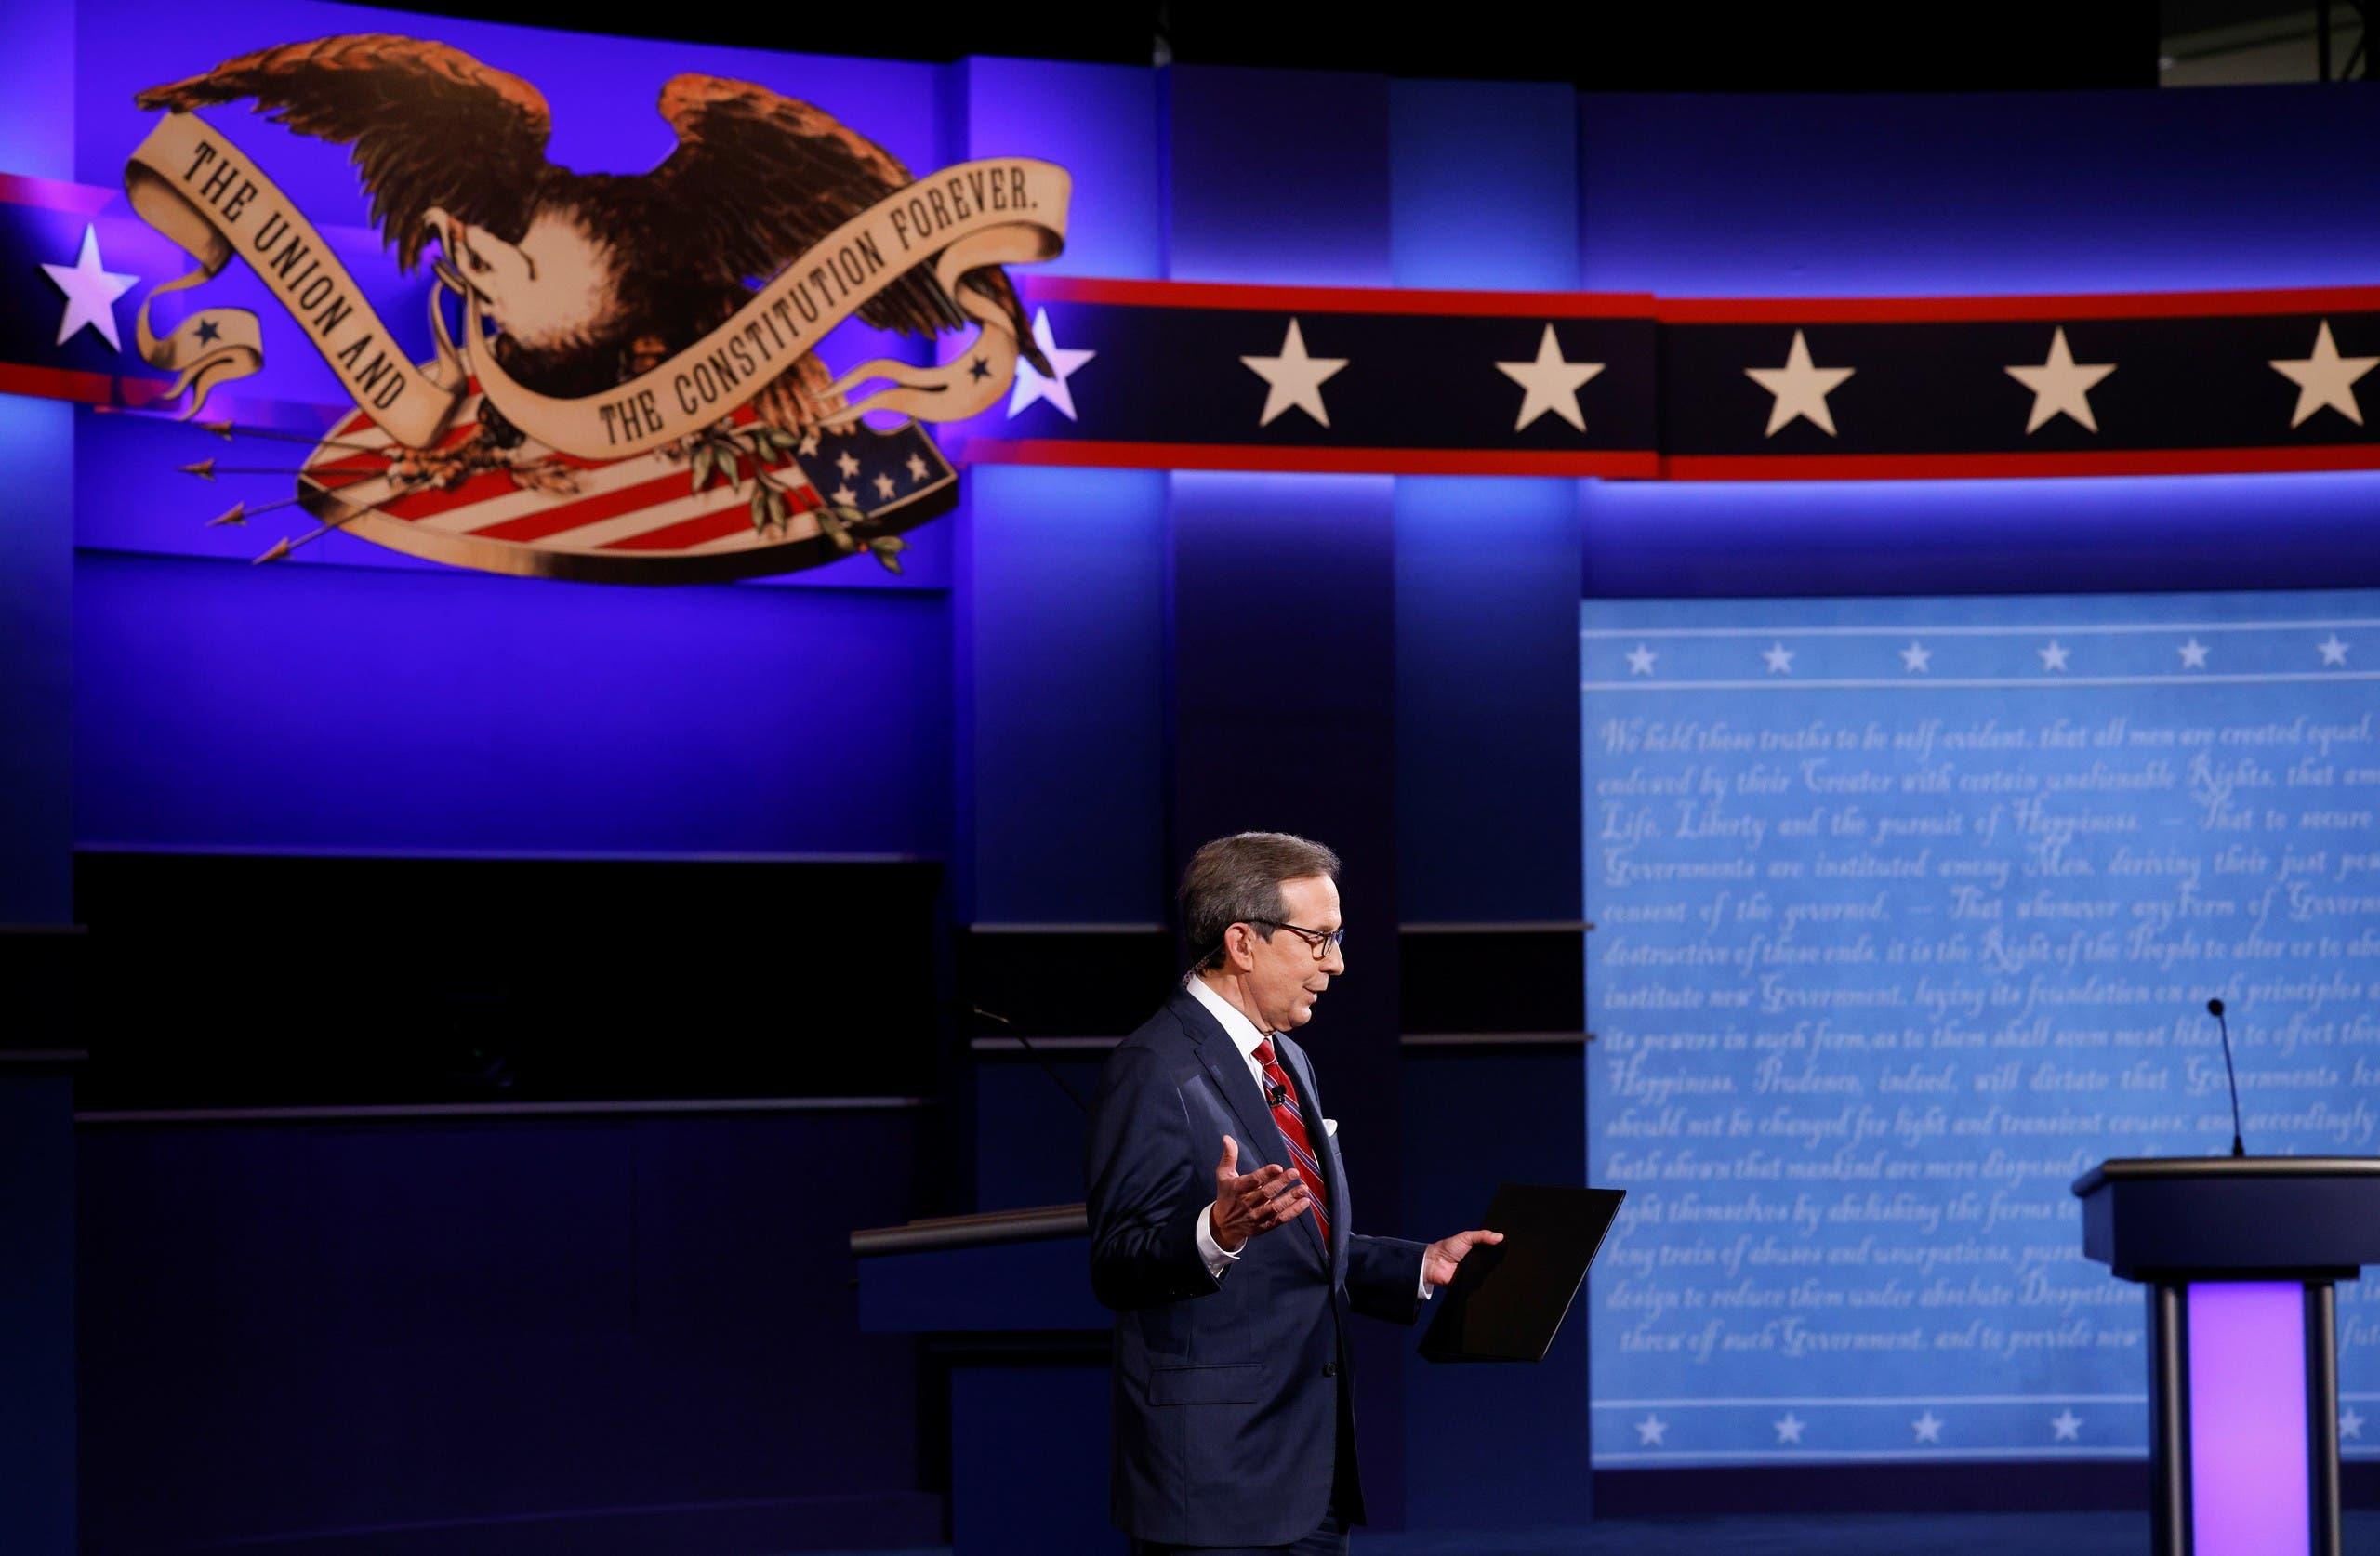 كريس والاس خلال المناظرة